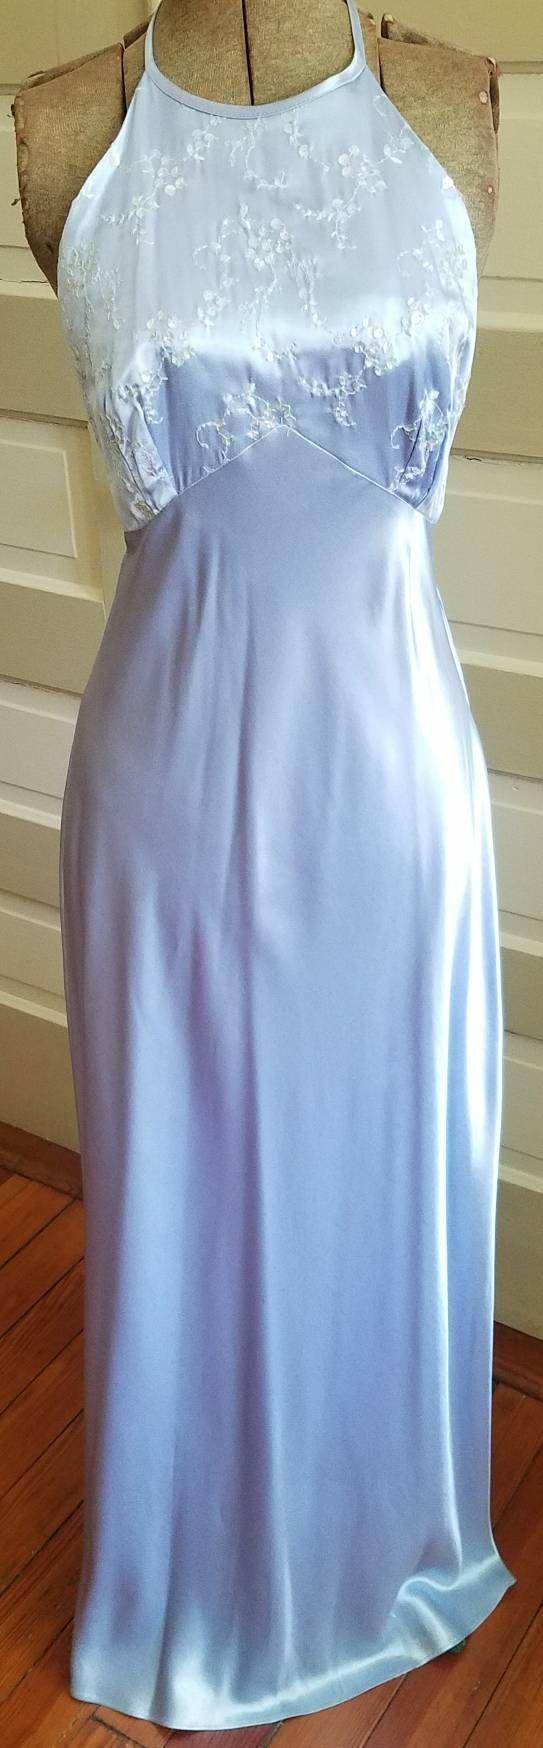 1990s Prom Dress Vintage Halter Periwinkle Zum Zum Etsy Prom Dresses Vintage 1990s Prom Dress Dresses [ 1748 x 543 Pixel ]